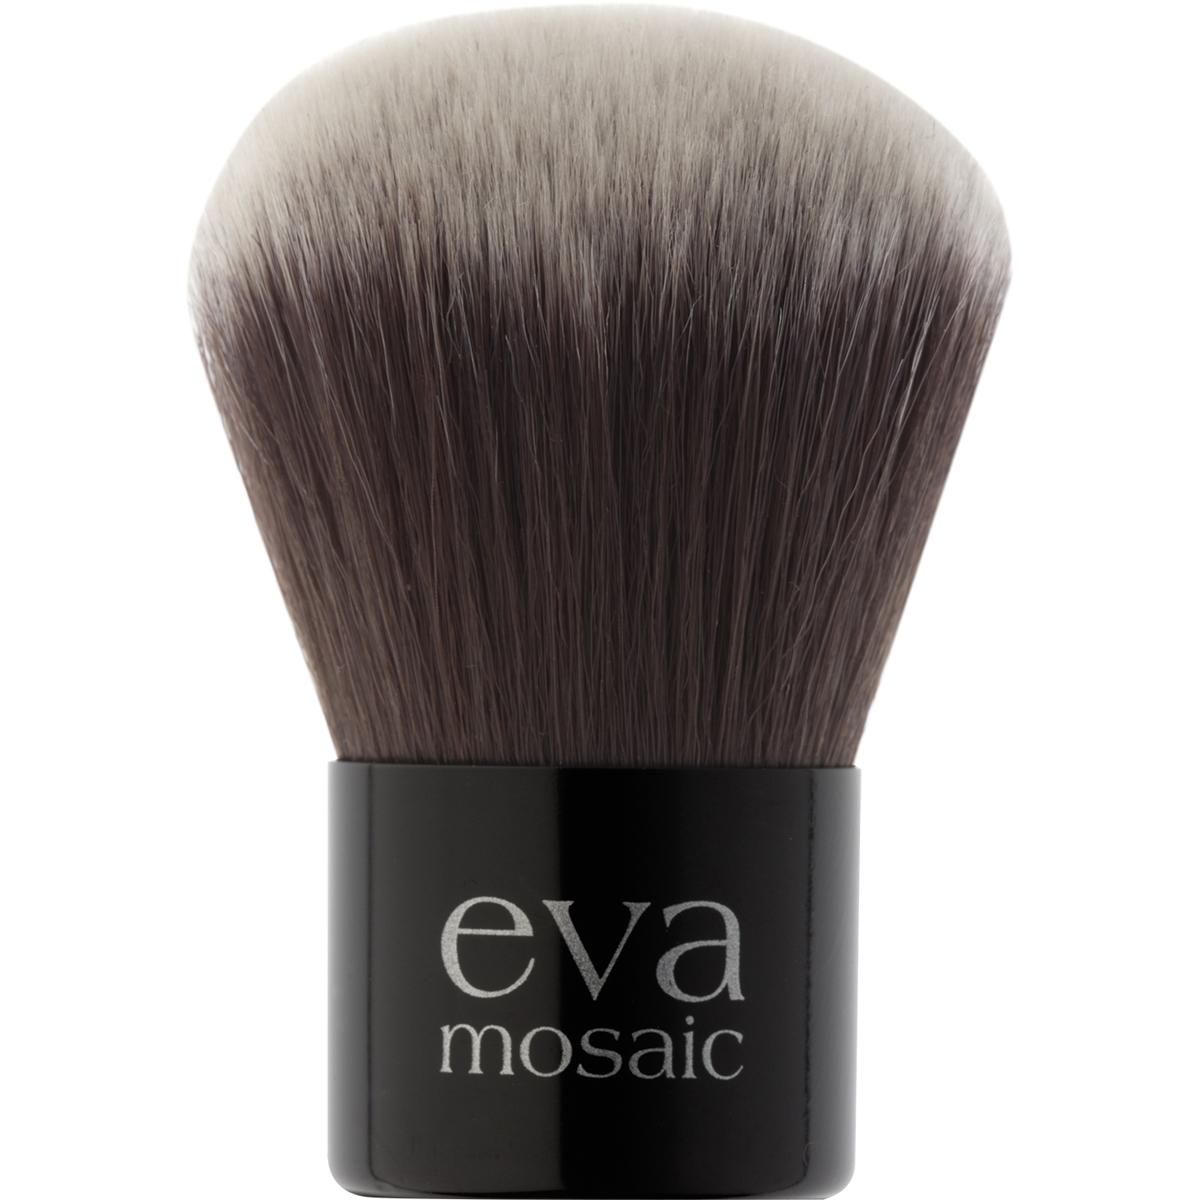 Eva Mosaic Кисть макияжная черно-белая684956Кисть для макияжа: - мягкий, не травмирующий кожу искусственный ворс, - легко моется и быстро сохнет, - равномерное нанесение и идеальная растушевка пудры и румян.